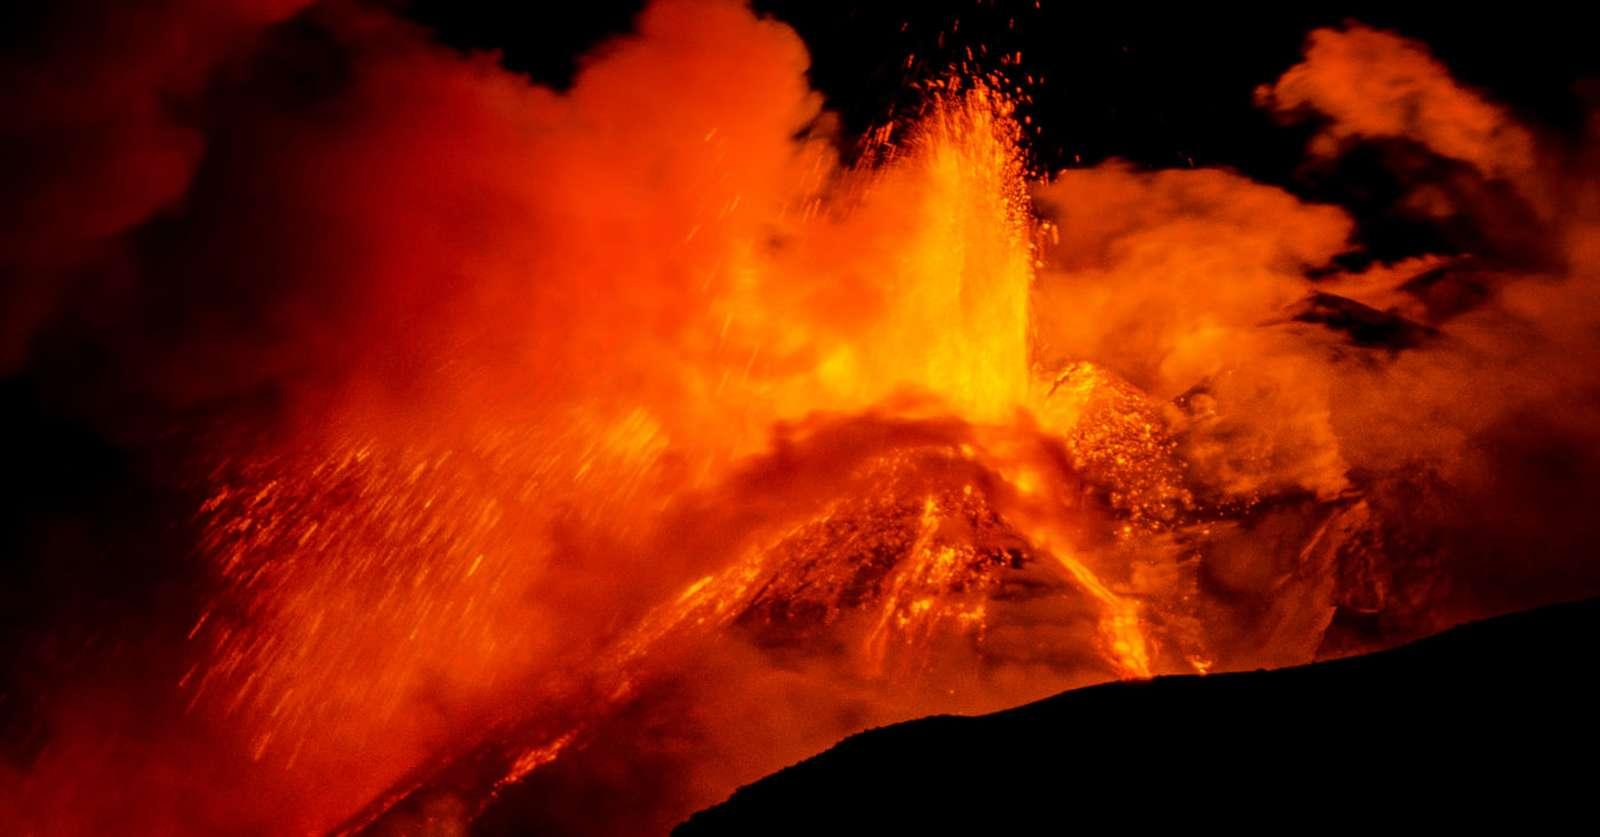 L'éruption de l'Etna durant la nuit du 18 janvier 2021. © Massimo Lo Giudice